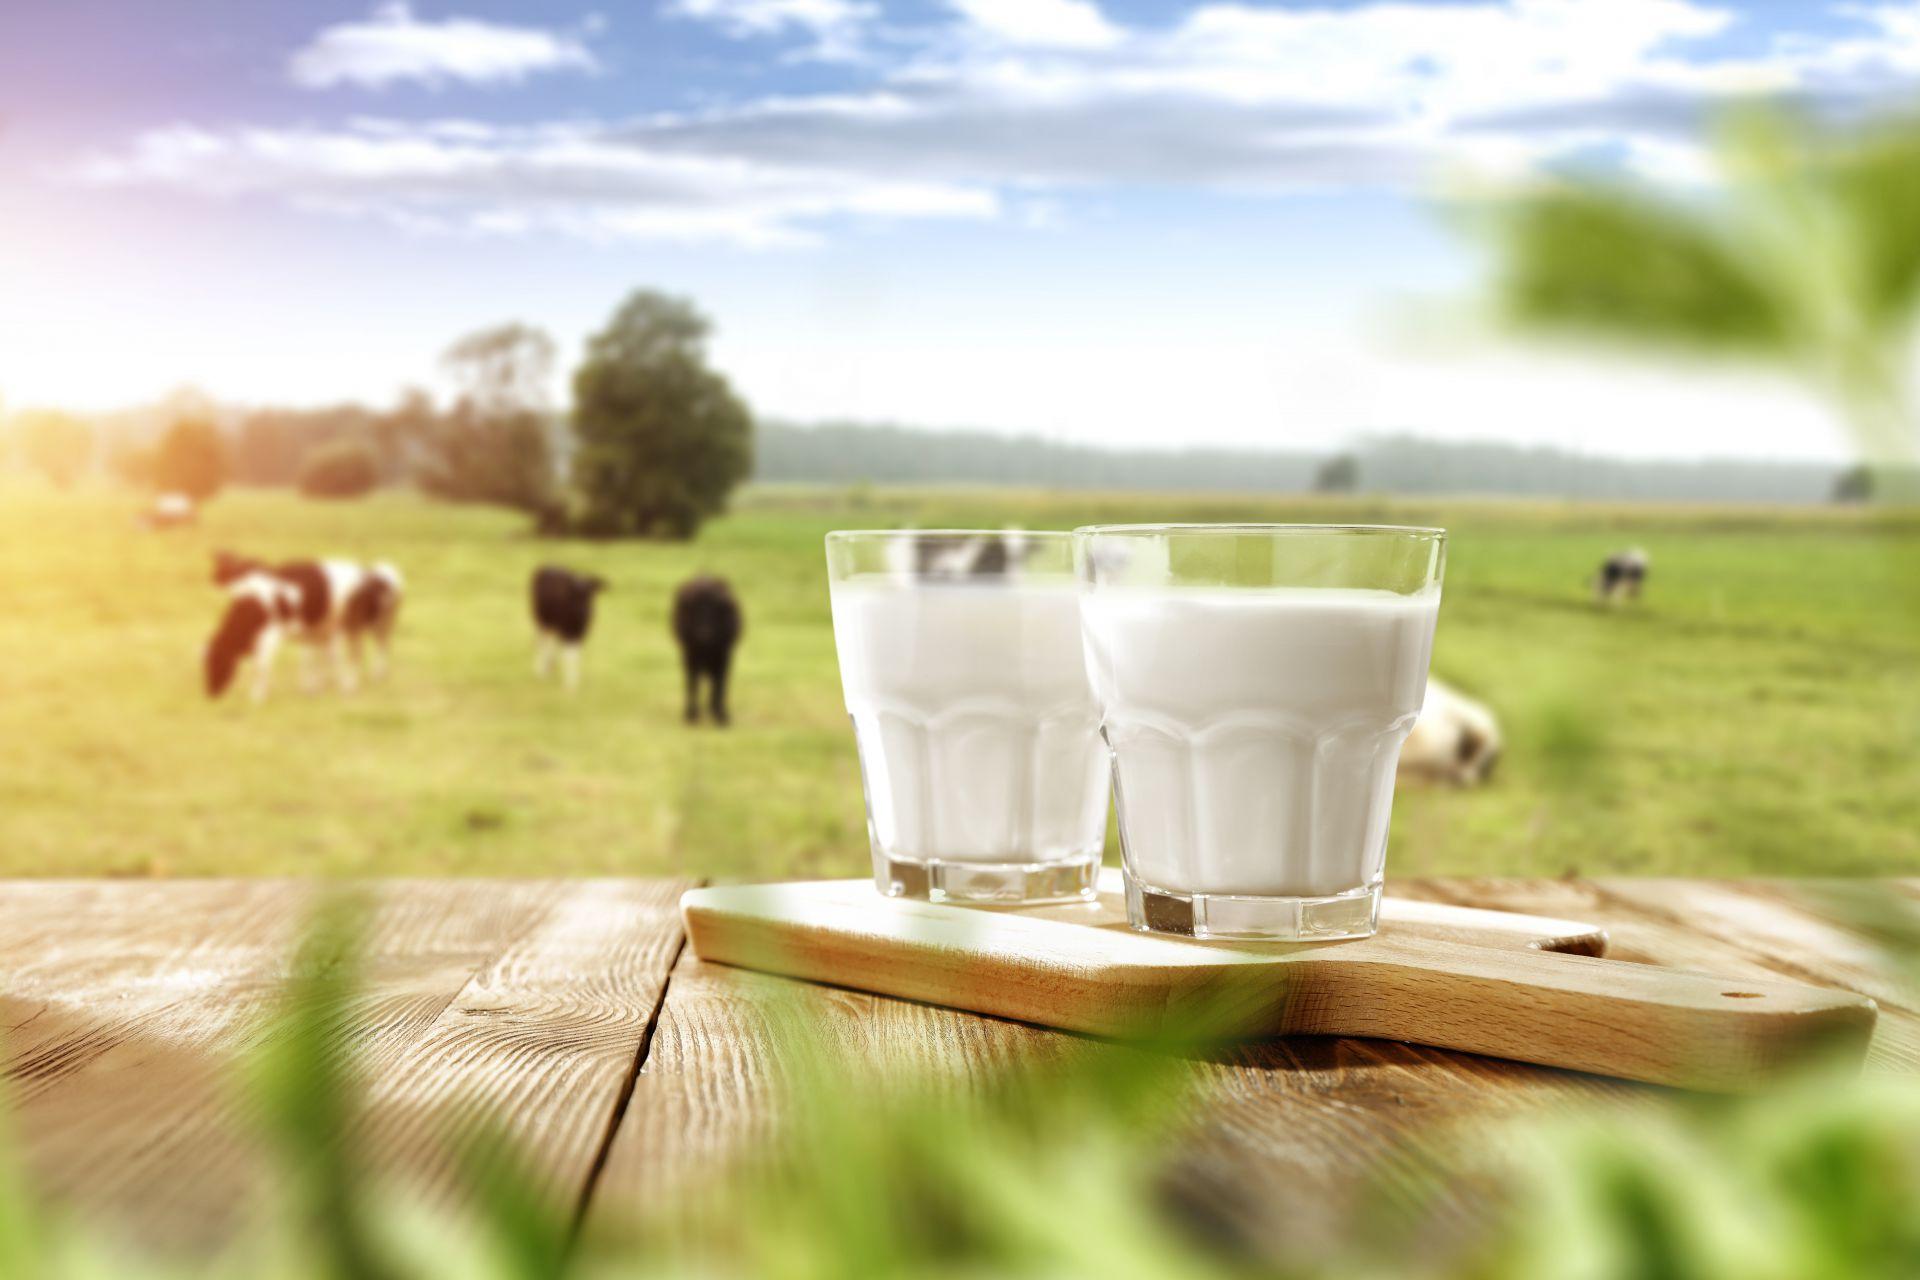 Perbedaan Susu UHT dengan Susu Pasteurisasi